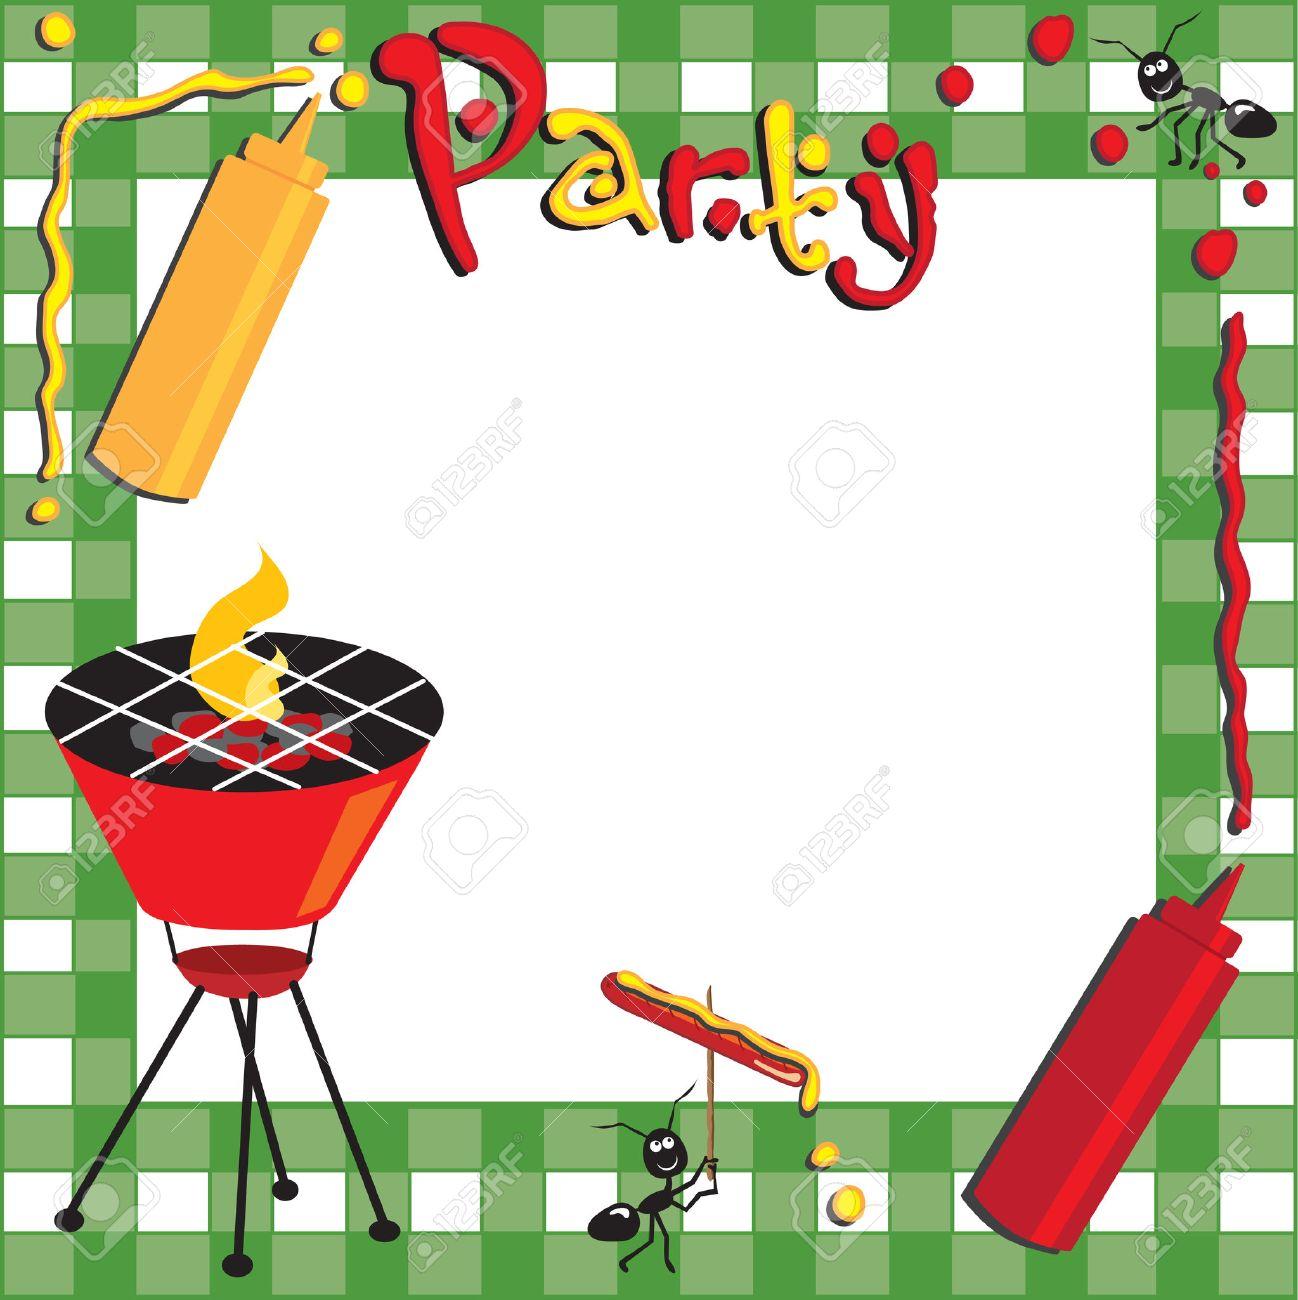 Picnic and bbq invitation royalty free cliparts vectors and stock picnic and bbq invitation stock vector 6919447 stopboris Choice Image